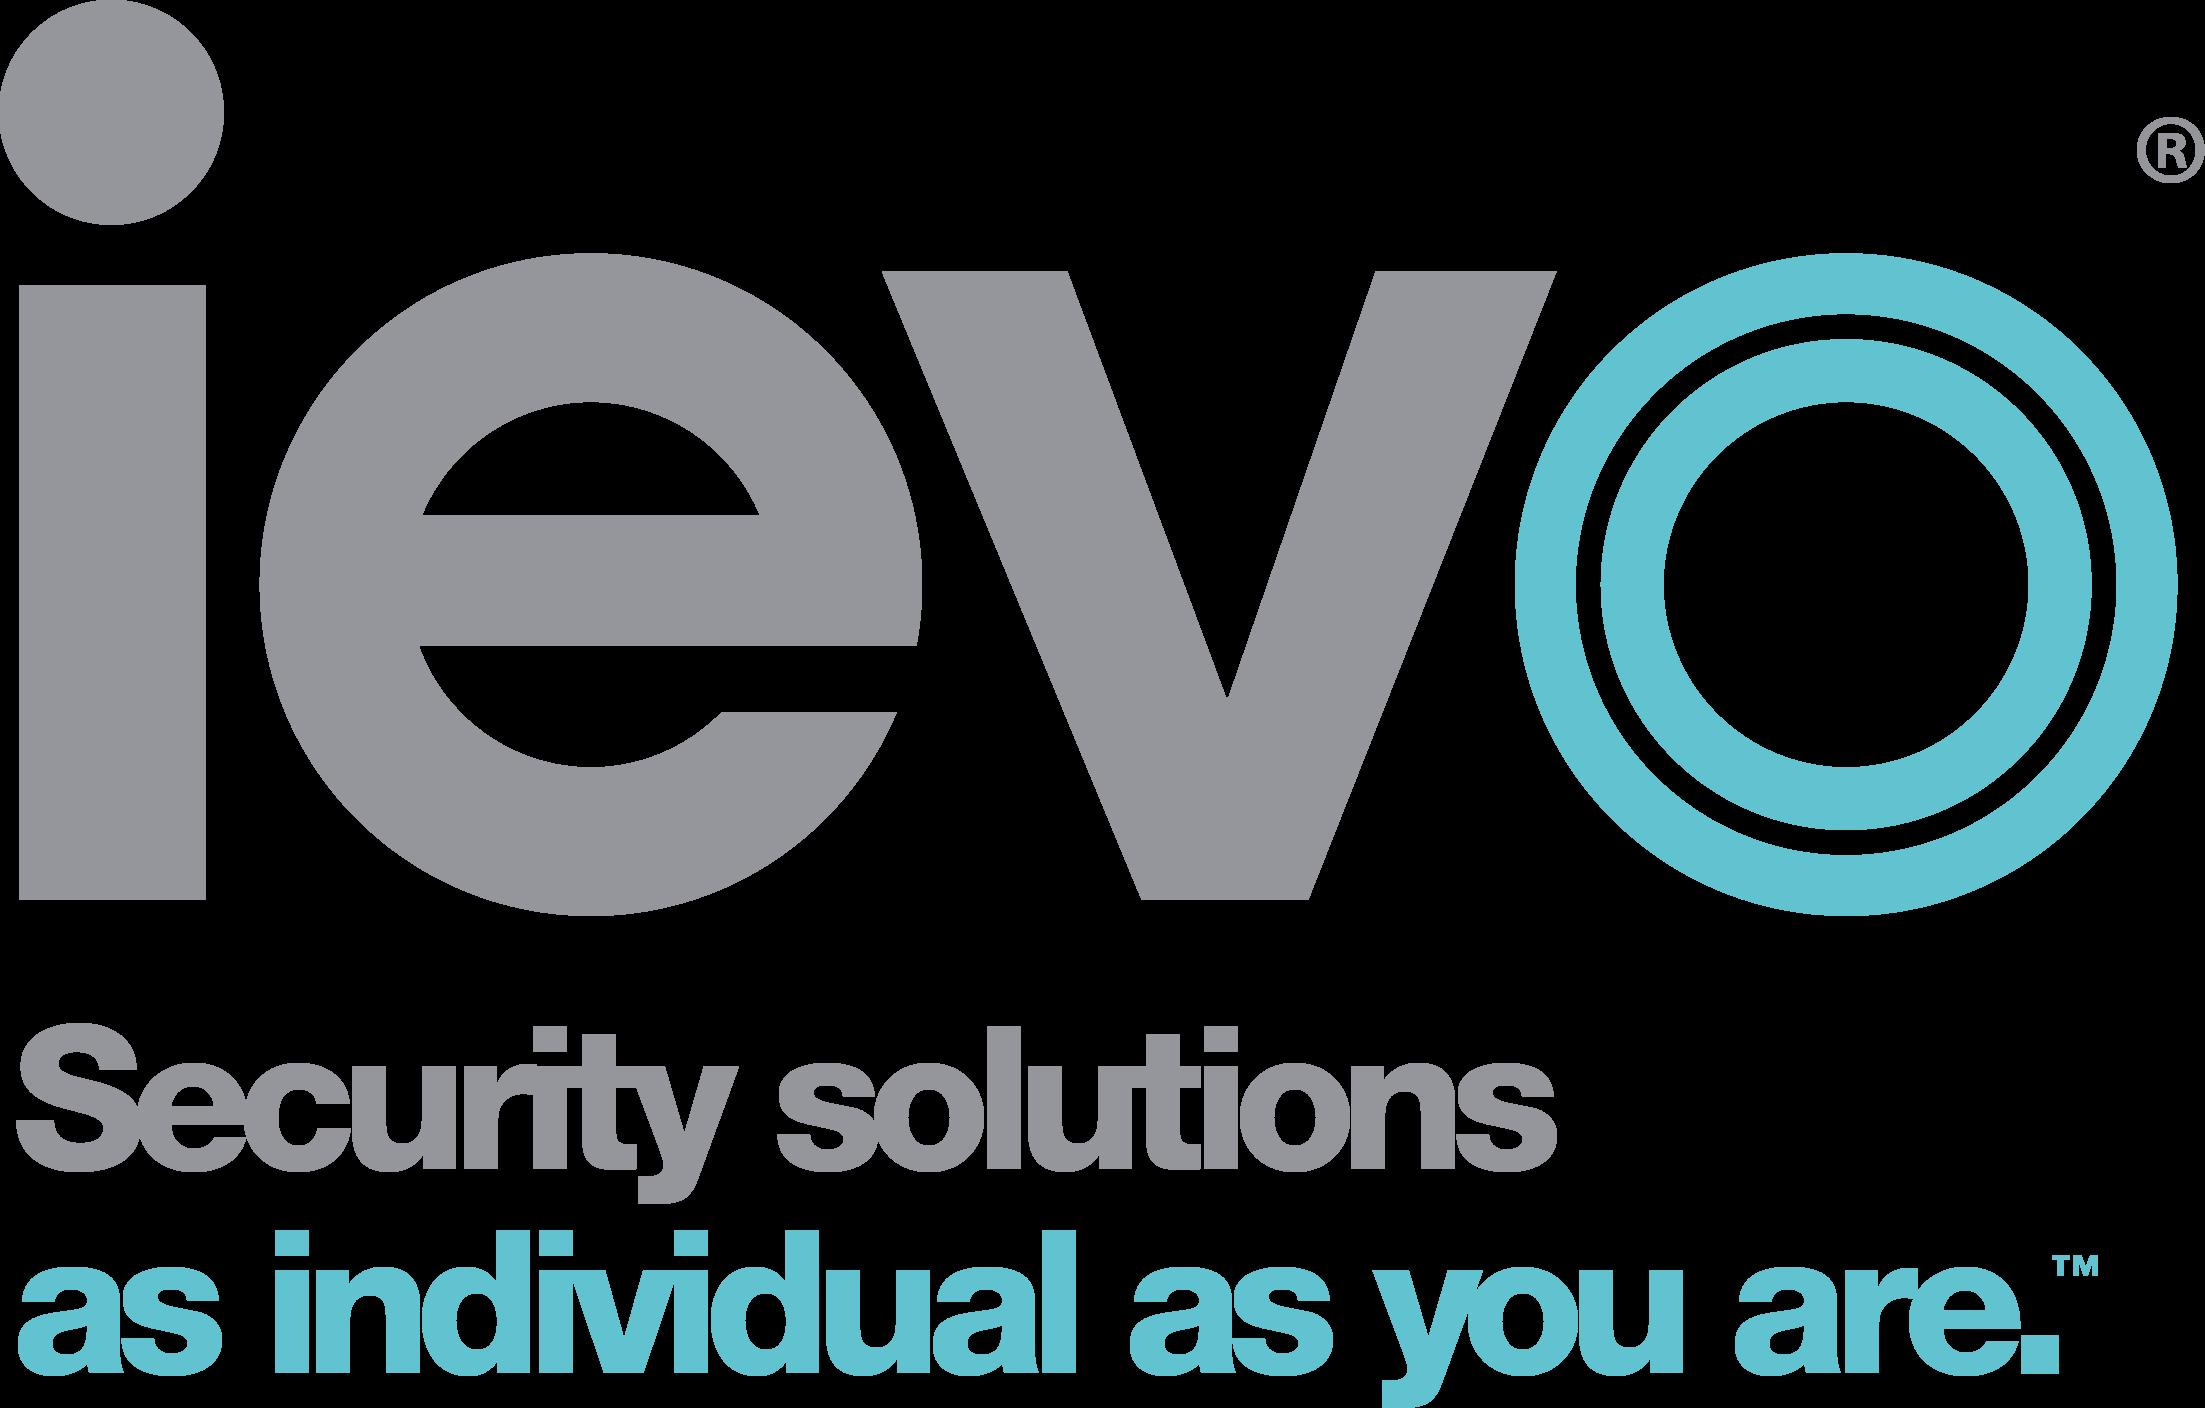 Ievo Ltd